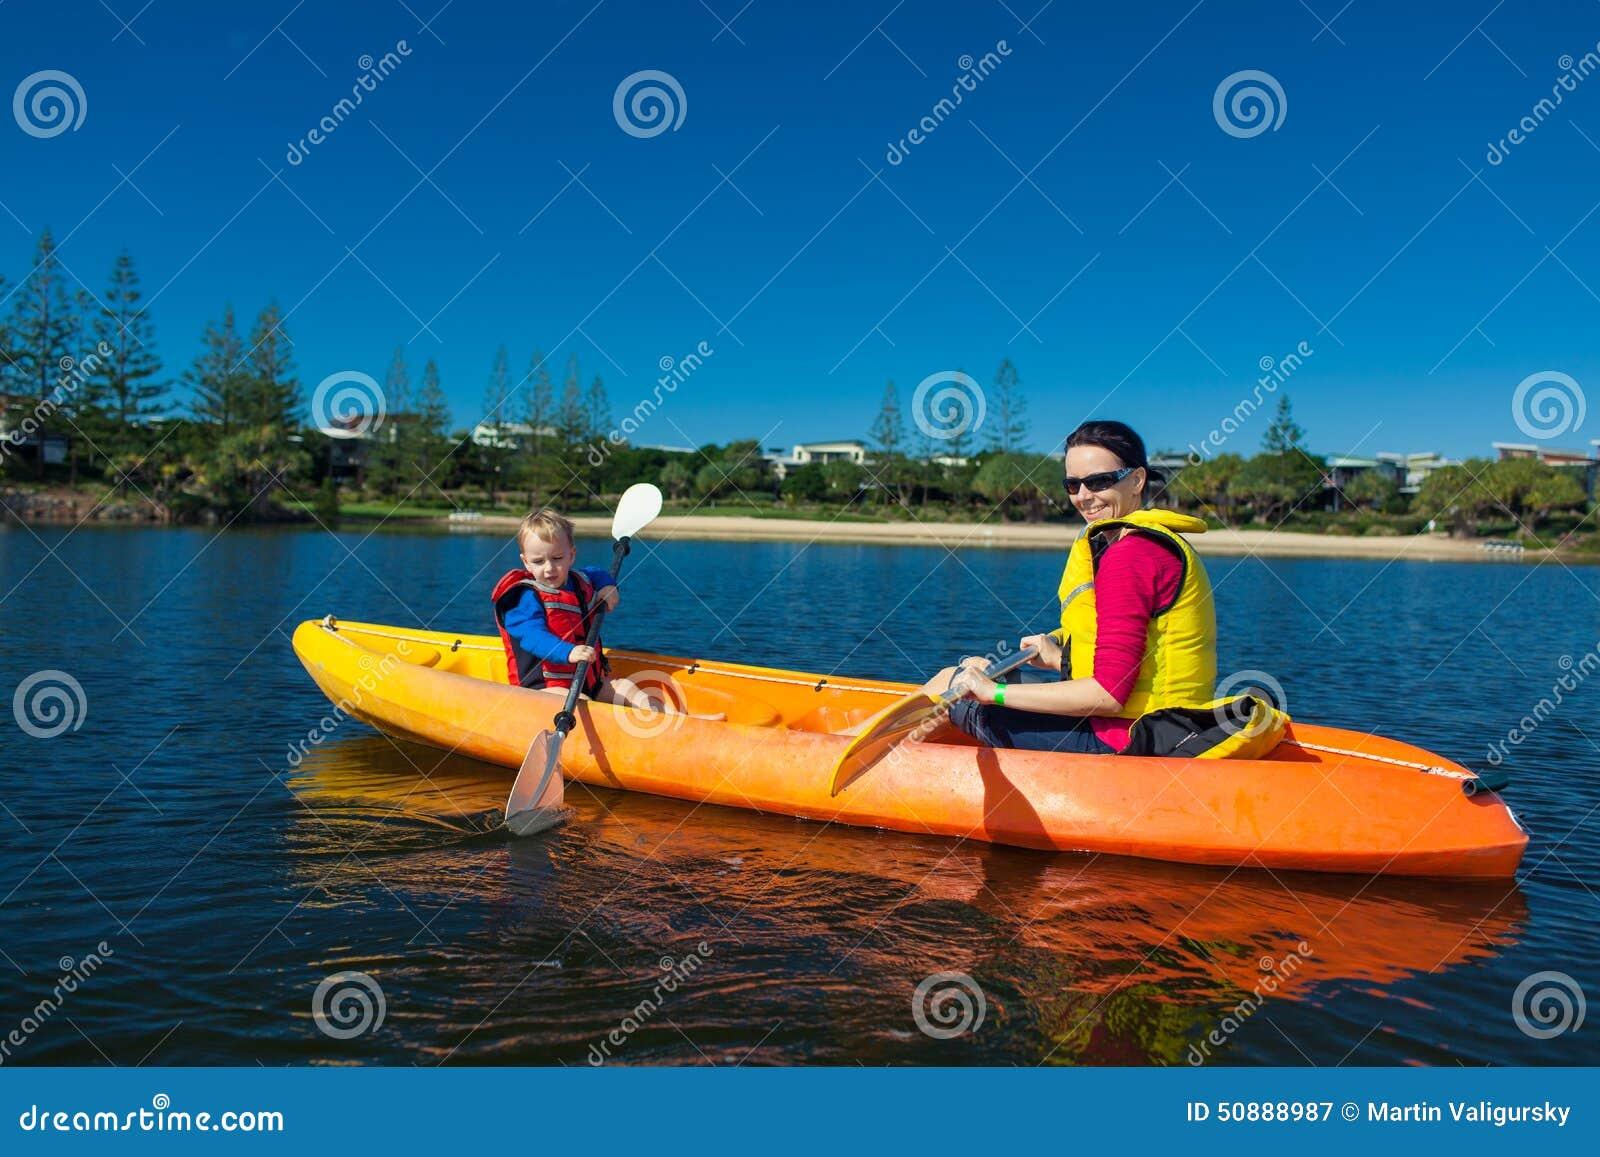 Mutter und Sohn, die in einem kleinen See Kayak fahren